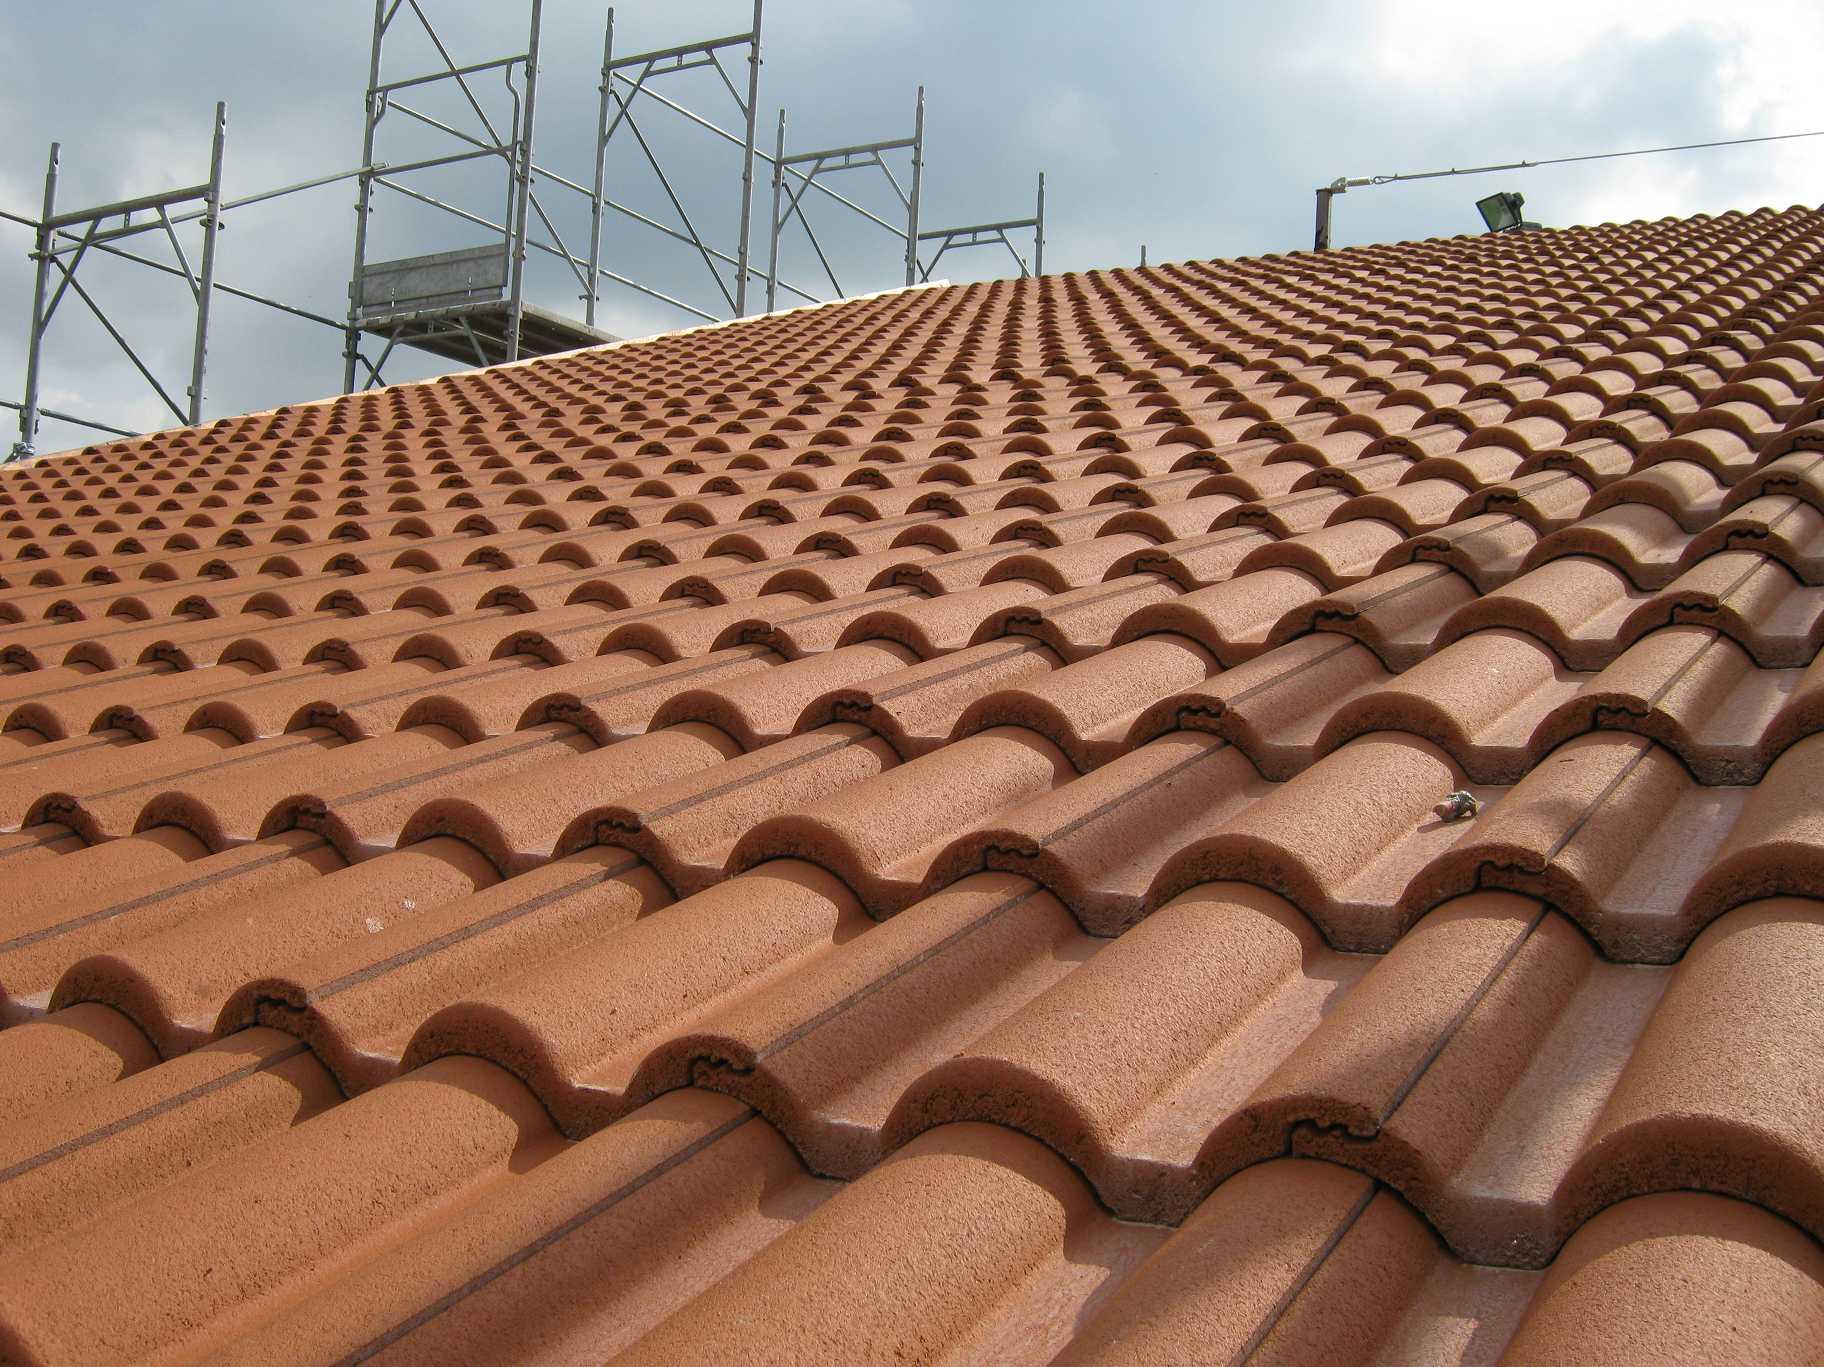 Tetto e pannelli fotovoltaici - Copertura a tetto ...